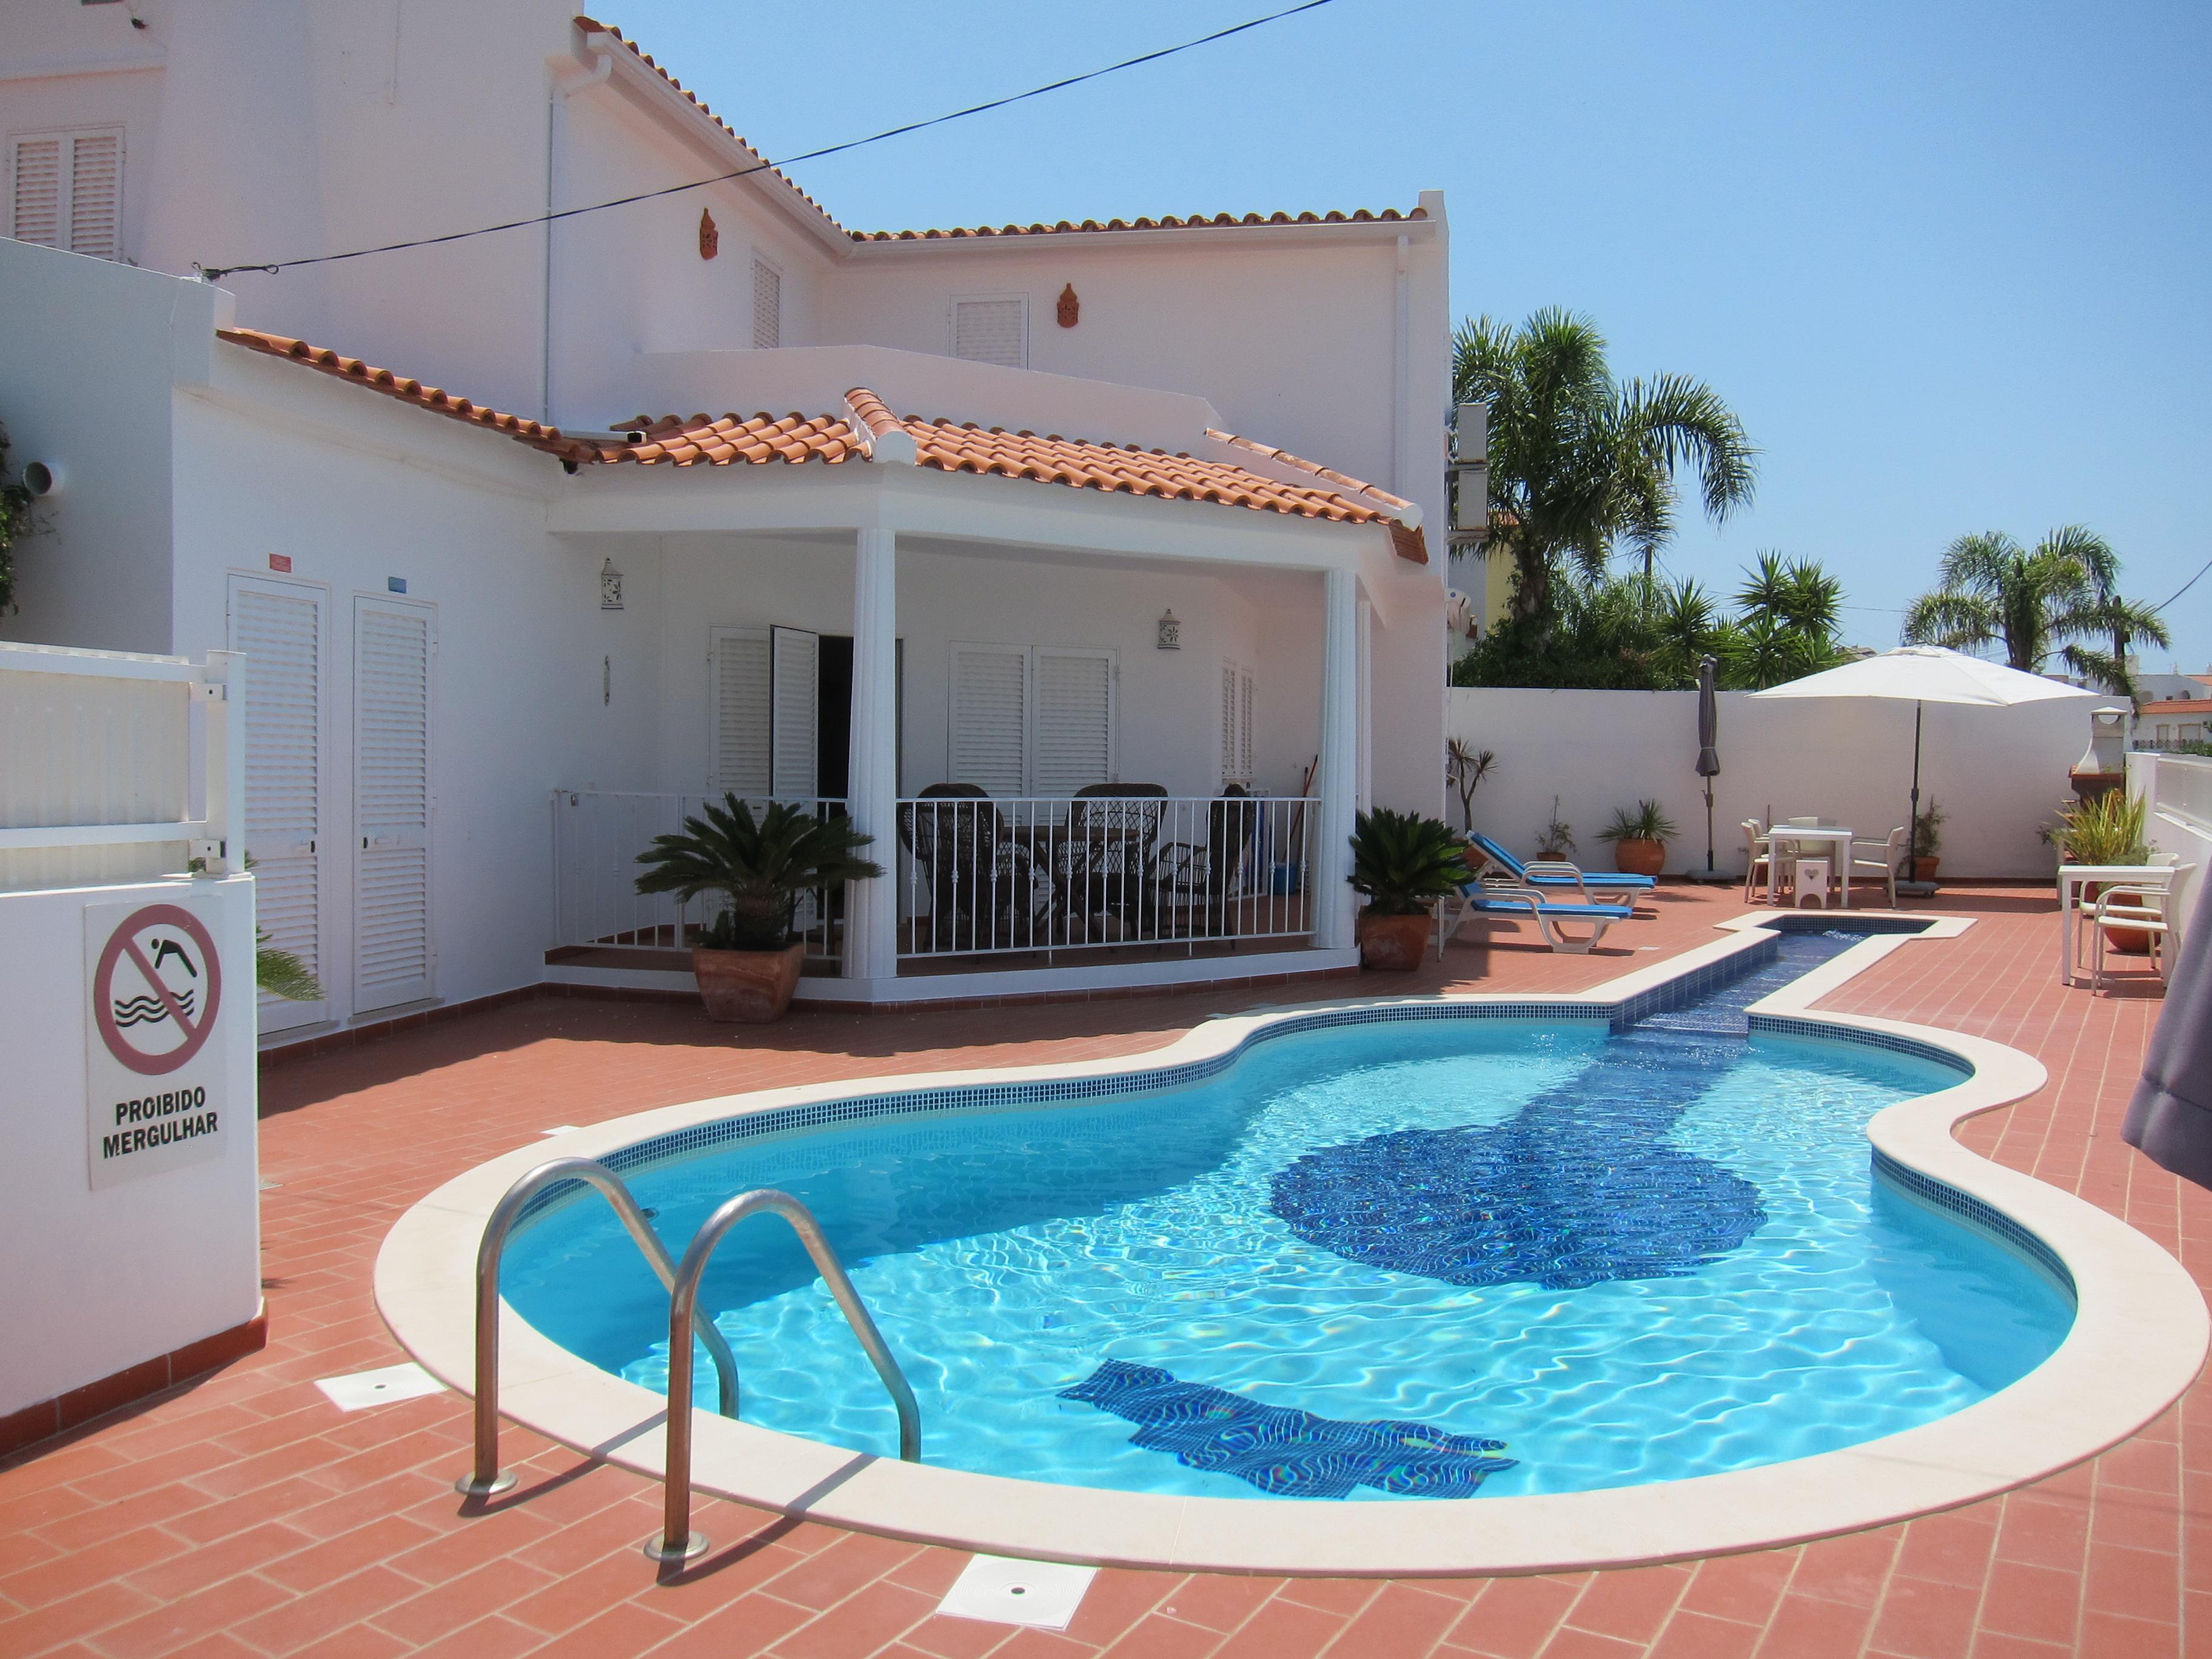 Alojamientos para vacaciones con piscinas originales for Vacaciones en villas con piscina